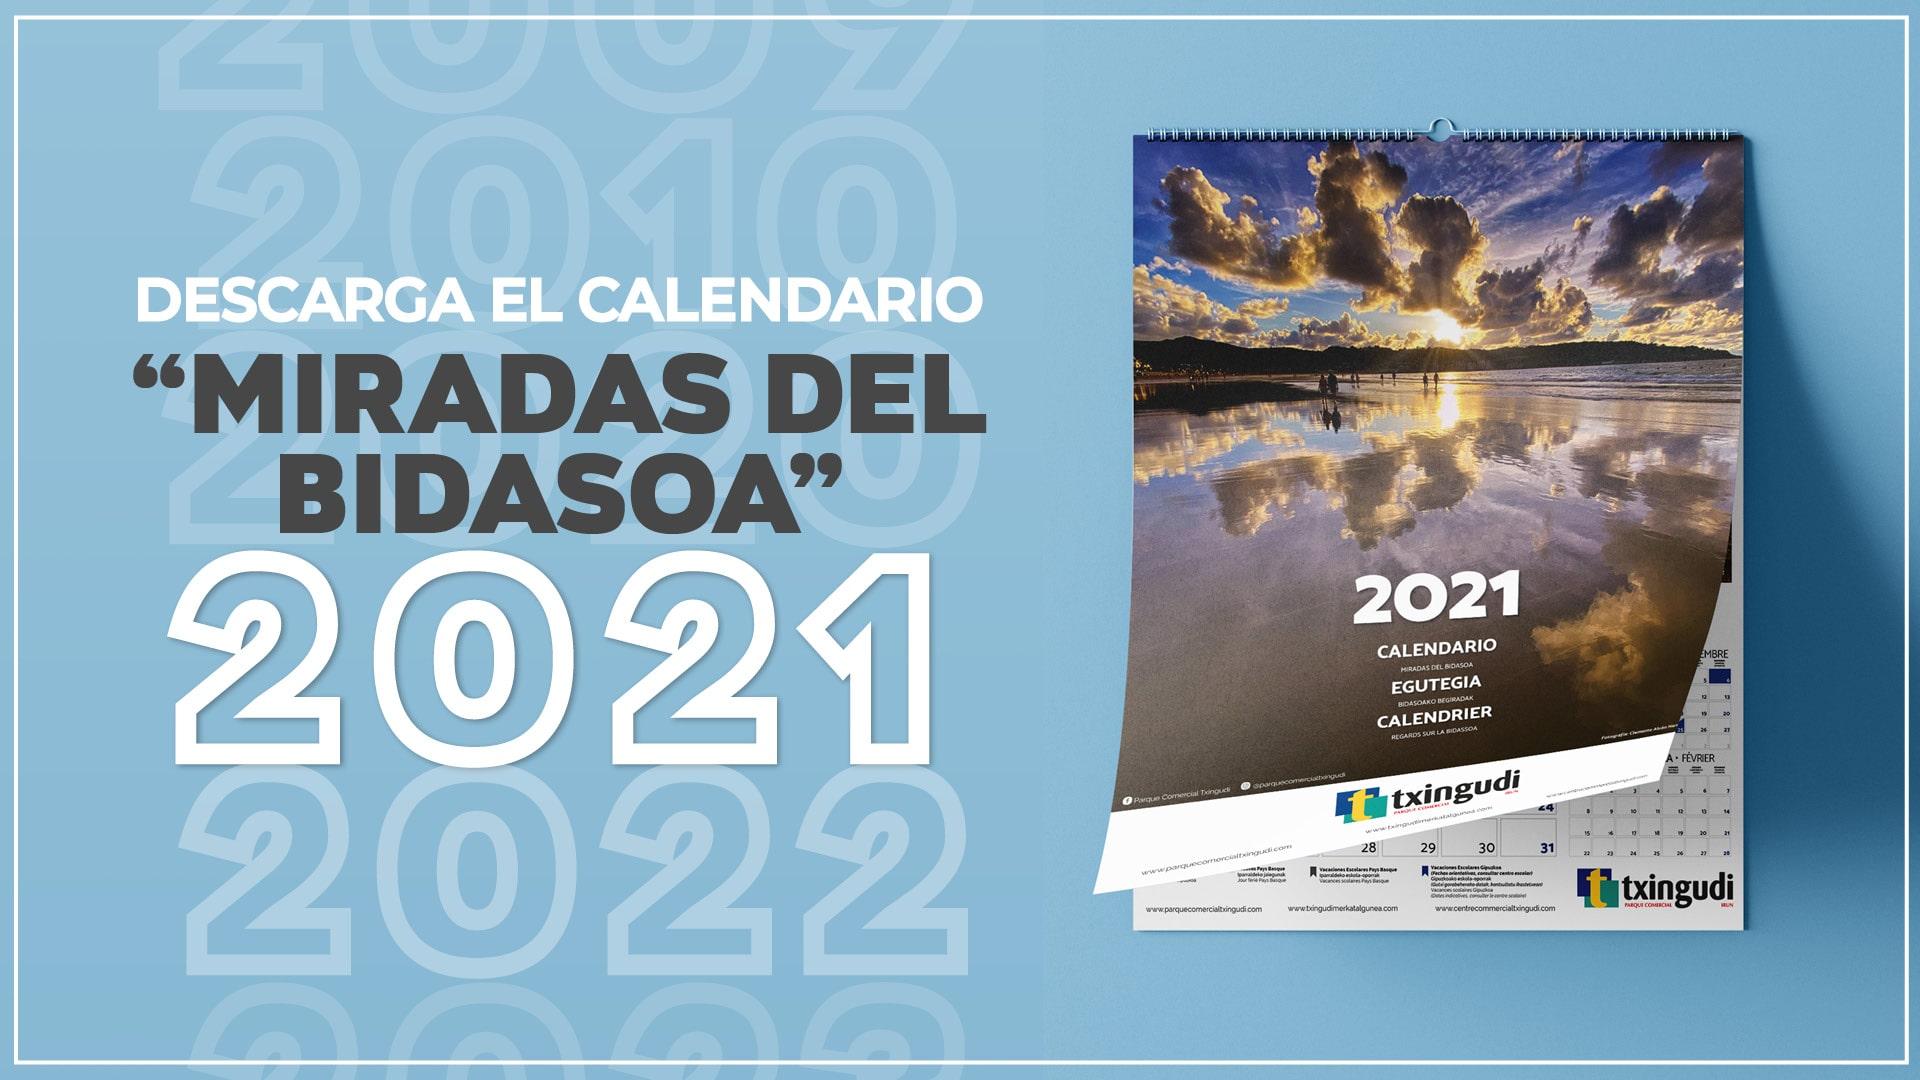 ¡Descárgate el calendario Miradas del Bidasoa 2021!